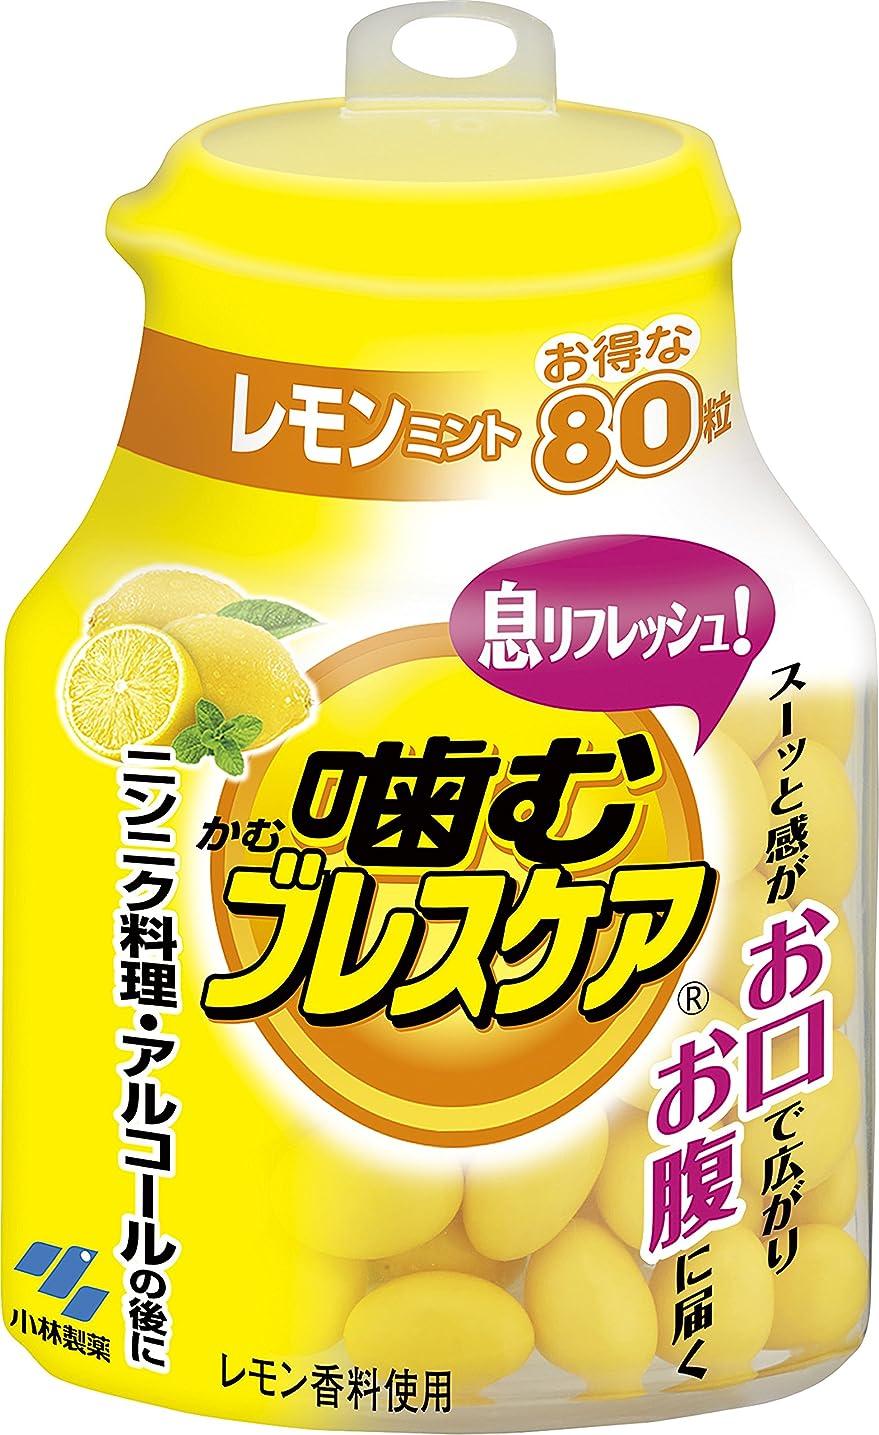 悲劇的なフレキシブル画面噛むブレスケア レモンミント 80粒